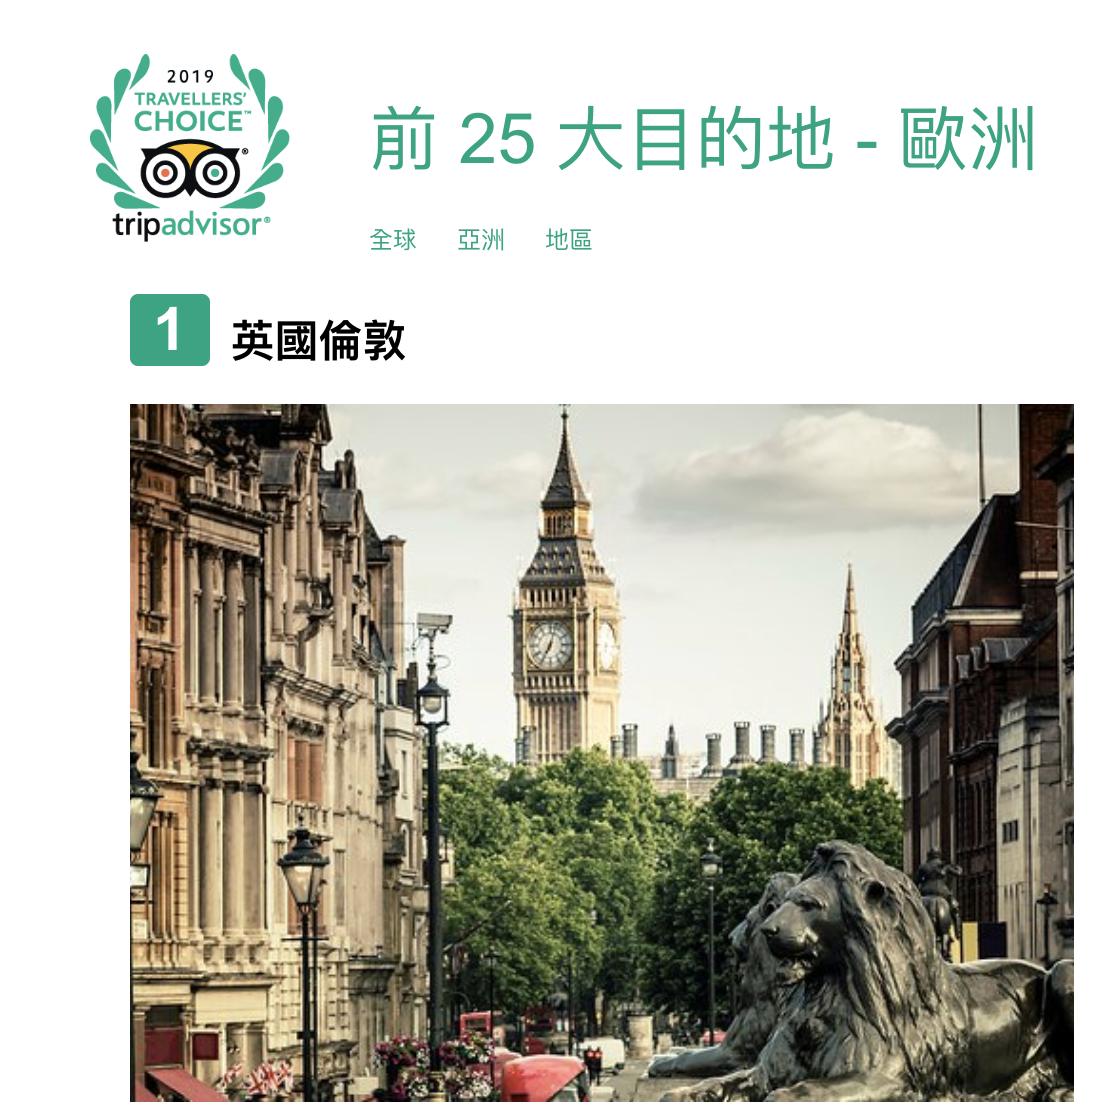 即時熱門文章:2019 Tripadvisor統計歐洲前10名推薦旅行城市